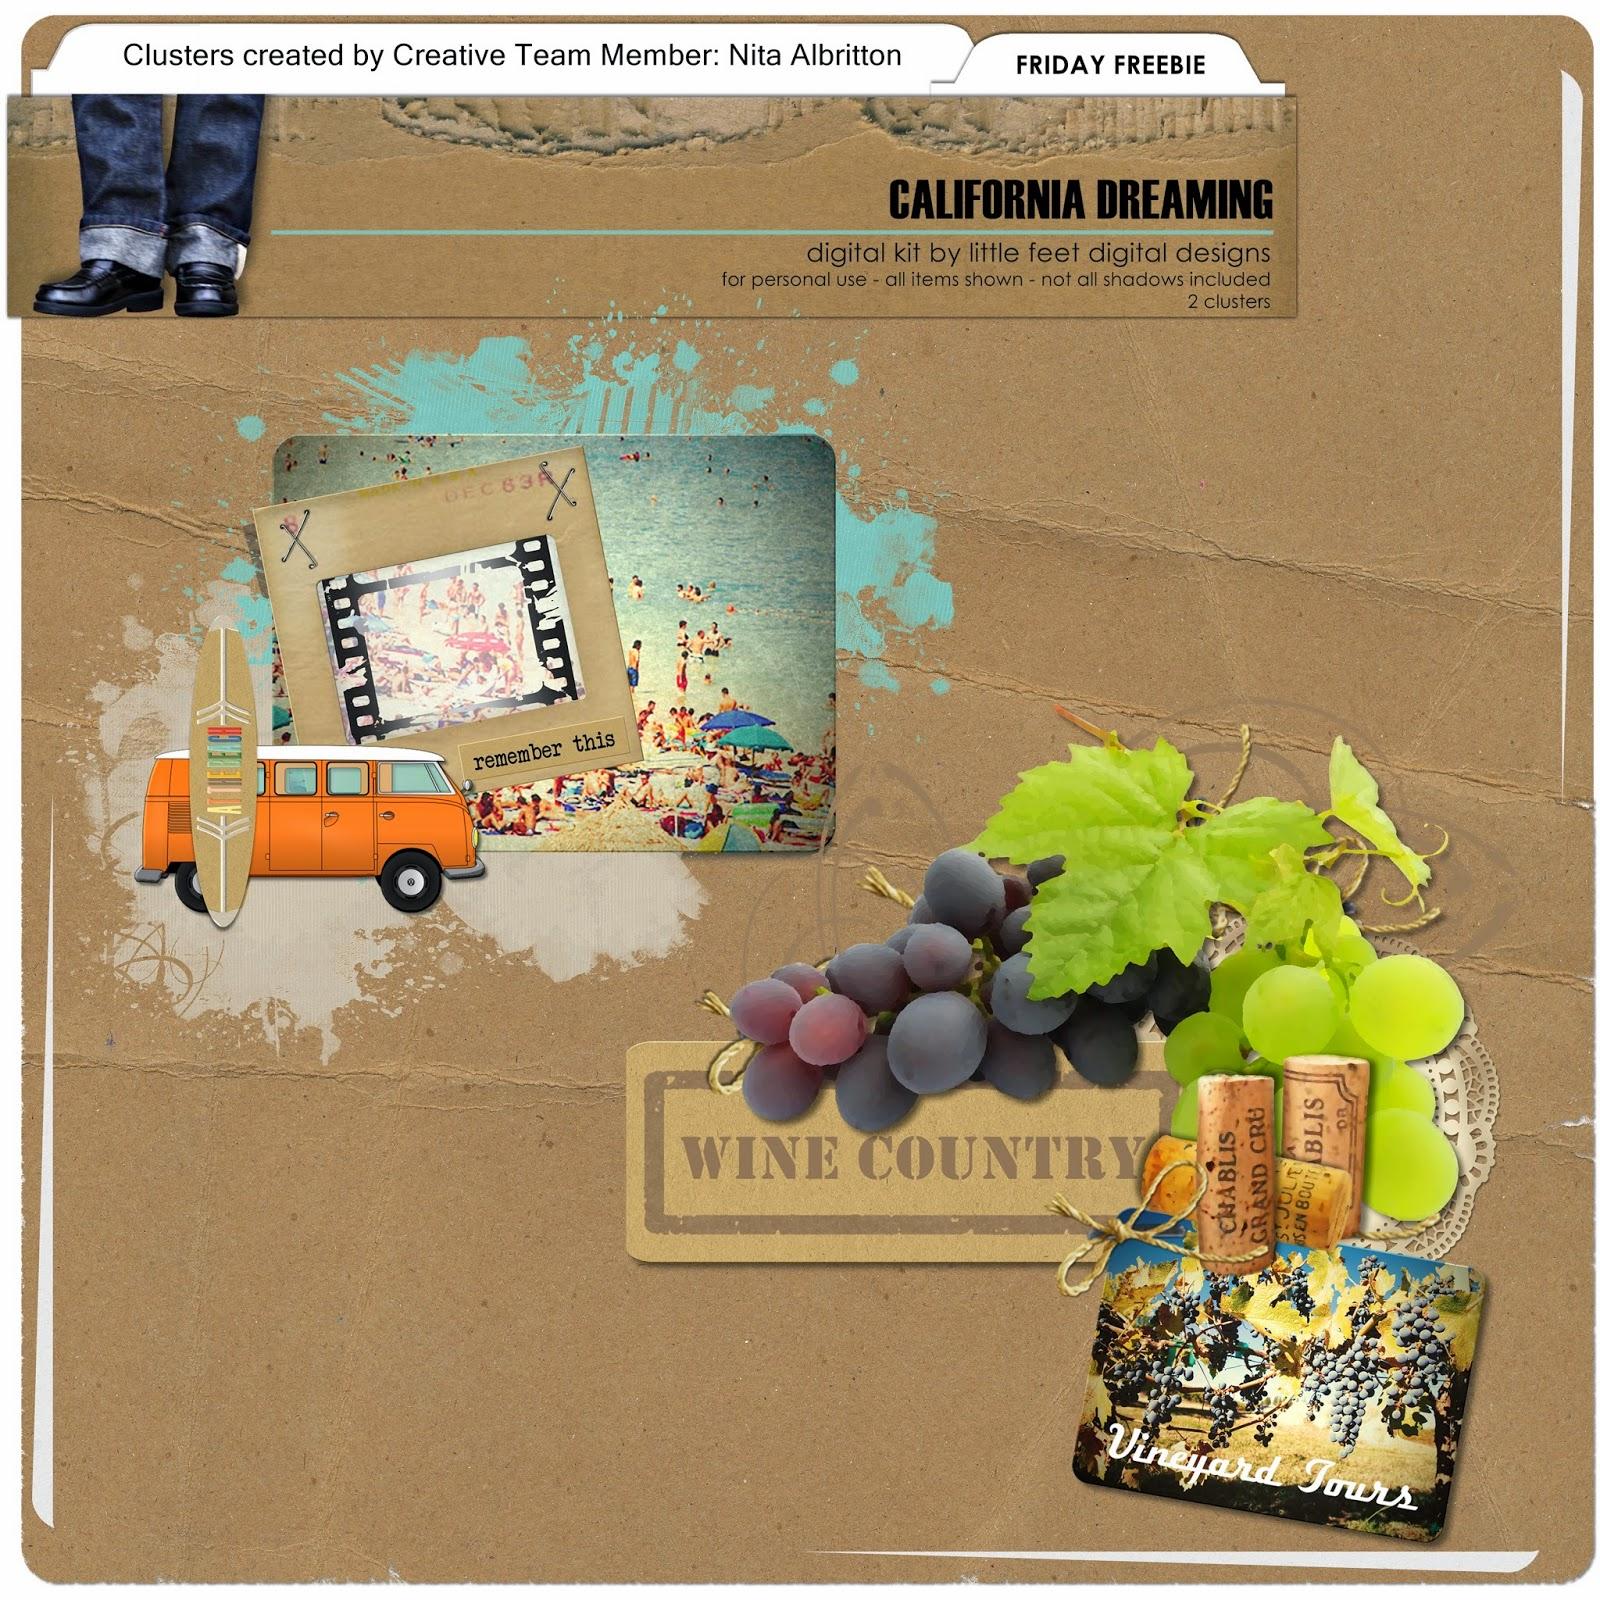 http://1.bp.blogspot.com/-nxQ83EU1tzA/VCWYXLMkQCI/AAAAAAAAKQs/fGPfGipBUr8/s1600/PV.jpg